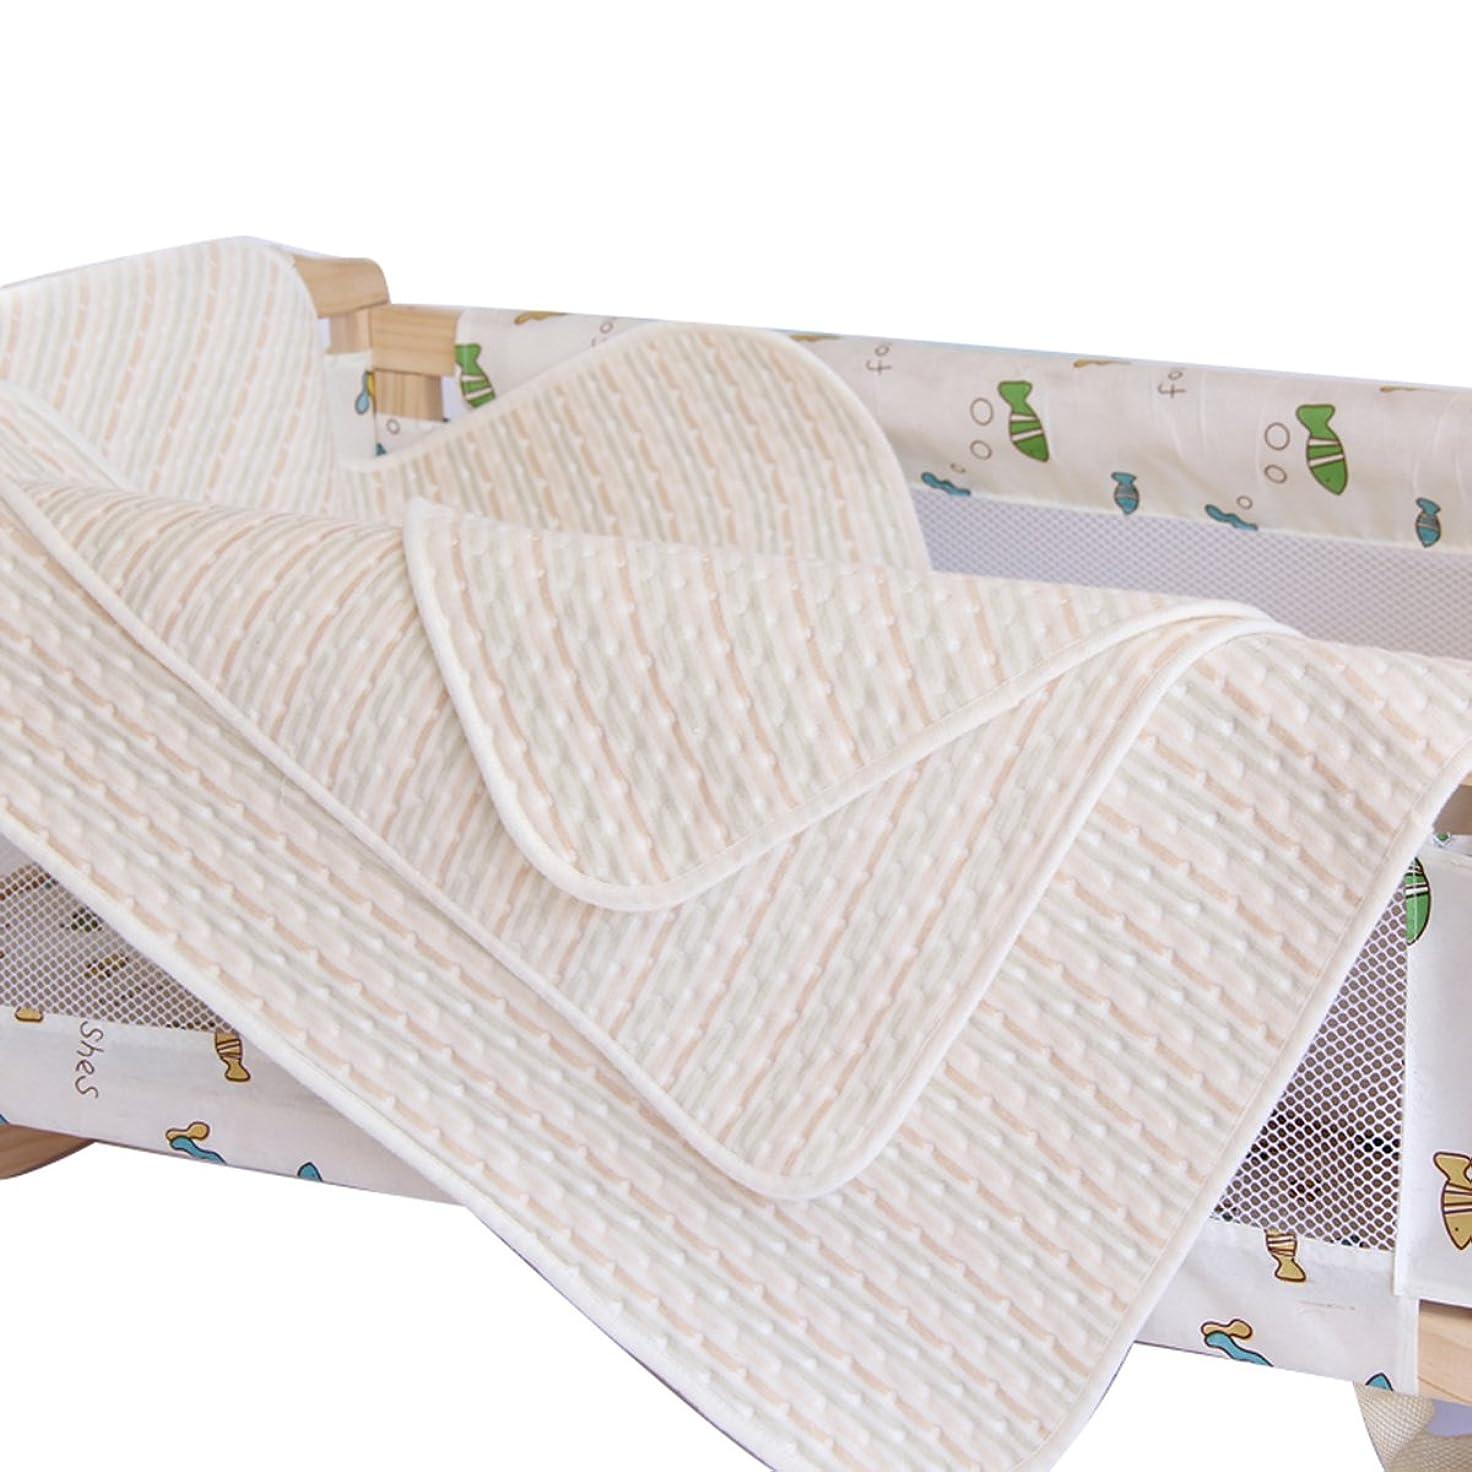 供給寺院贅沢PANDA PADS PREMIUM X-LARGE REVERSIBLE 3-PACK, Bamboo Changing Pad Liners. NO-SLIP 3-Layer Design, Ultra Soft & Absorbent, Waterproof, Machine Wash & Dry, Antibacterial & Hypoallergenic. Great Gift! by Wonderful Walrus